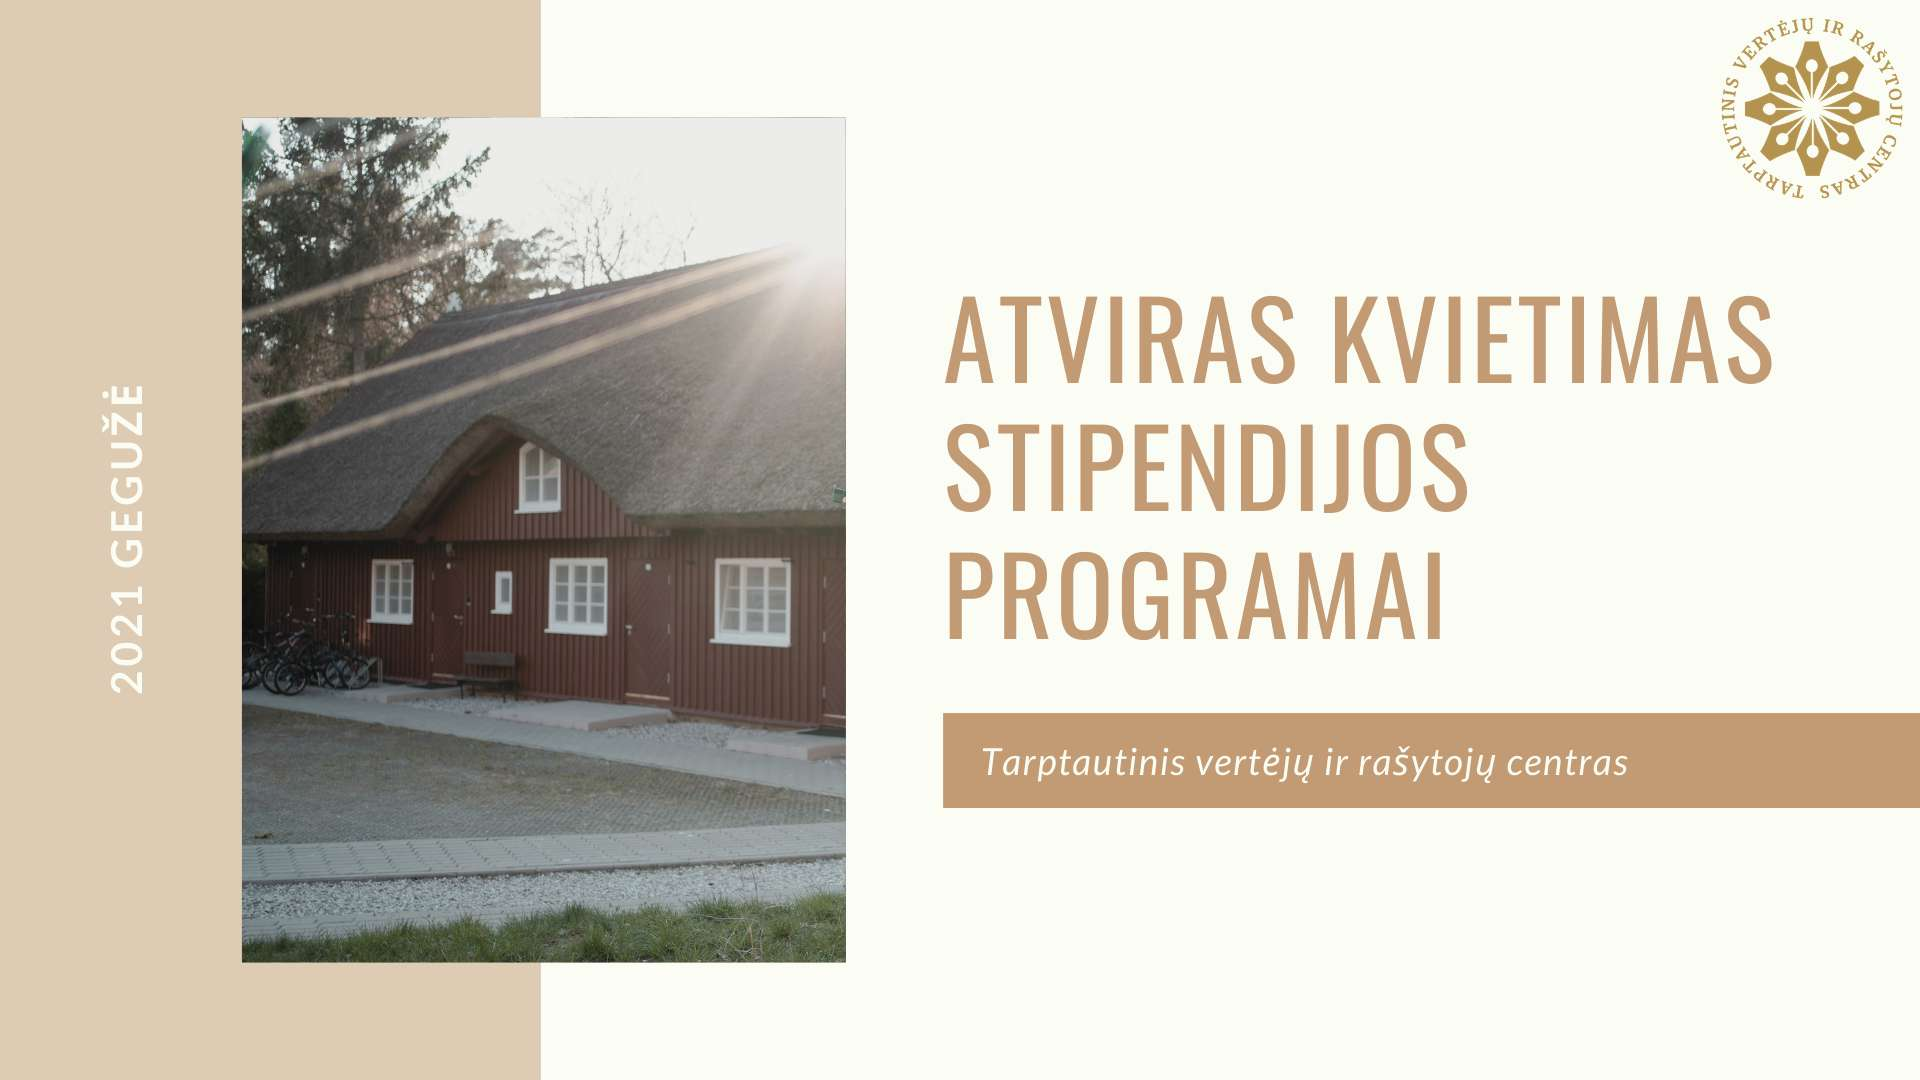 Atviras kvietimas stipendijos programai